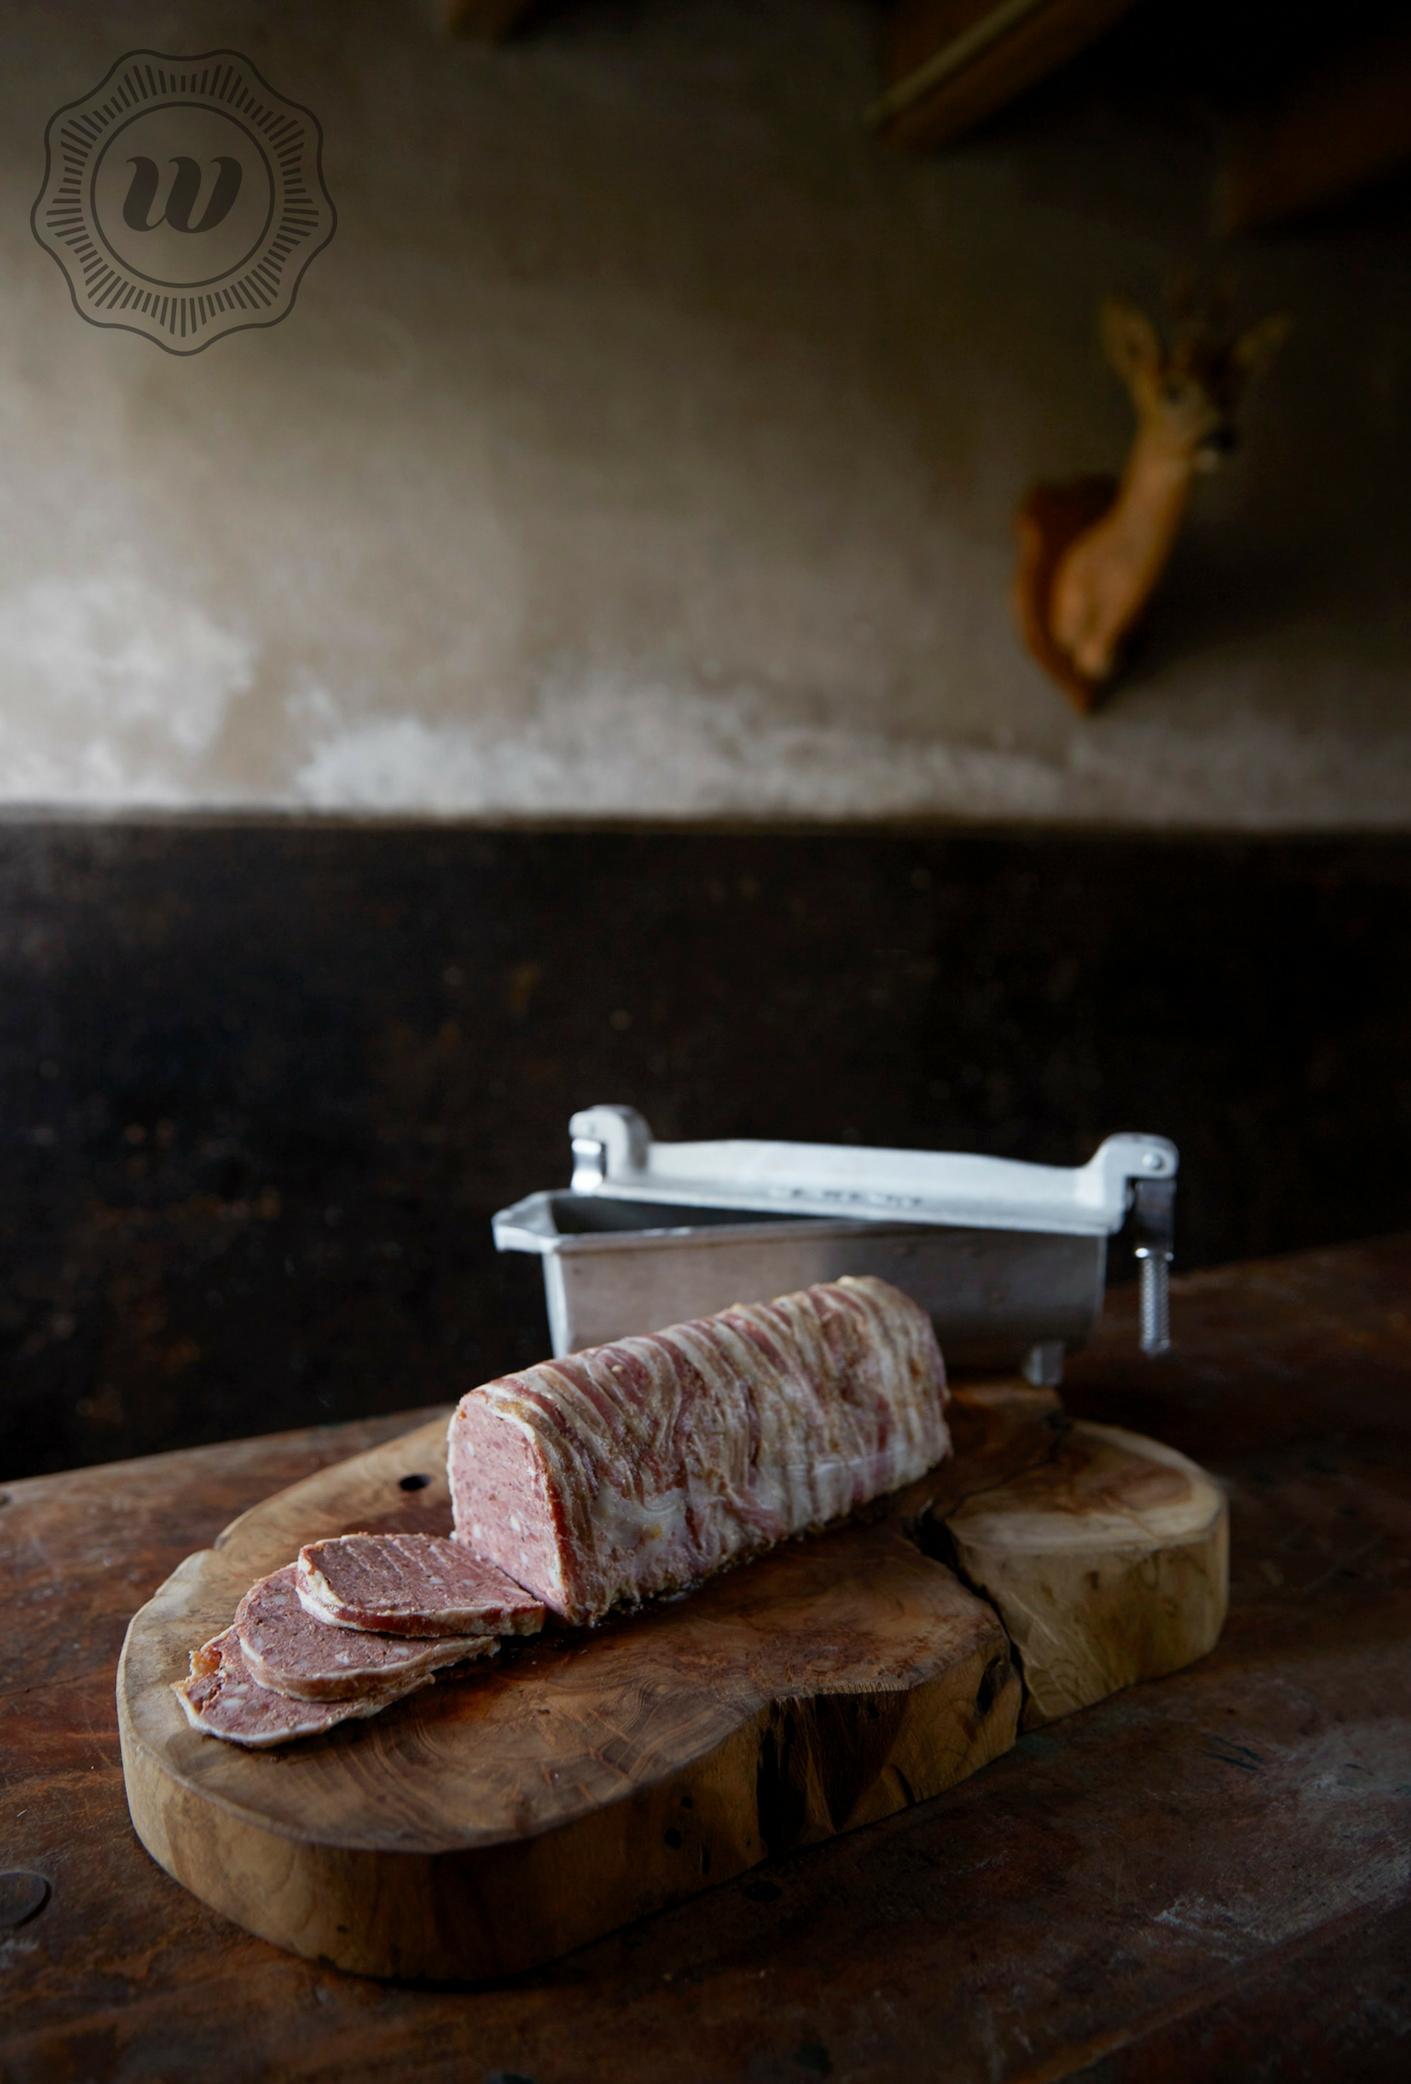 PATE - Paté maken wij van verschillende diersoorten; ree, hert, wild zwijn, gans en eend. Onze patés worden ambachtelijk gemaakt, en aangekleed met huis-gerookt spek.